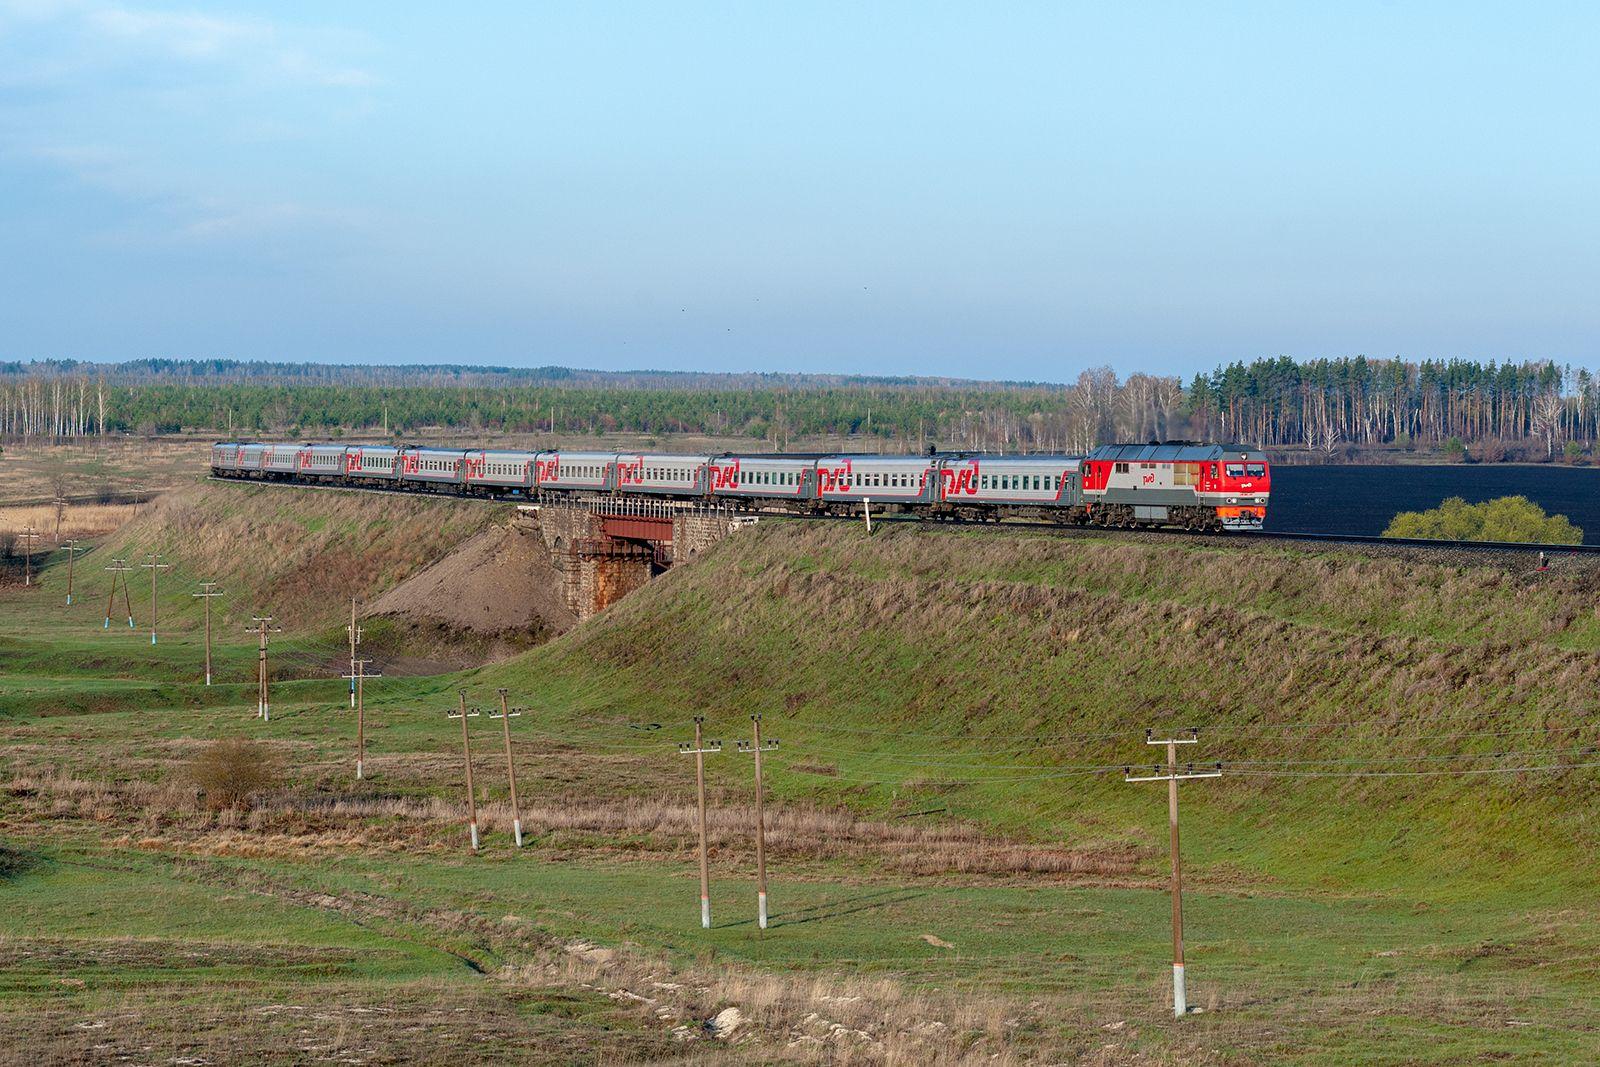 Тепловоз ТЭП70БС-313 Железная дорога поезд подвижной состав тепловоз Ульяновская область Ульяновск Чуфарово Майна ТЭП70БС